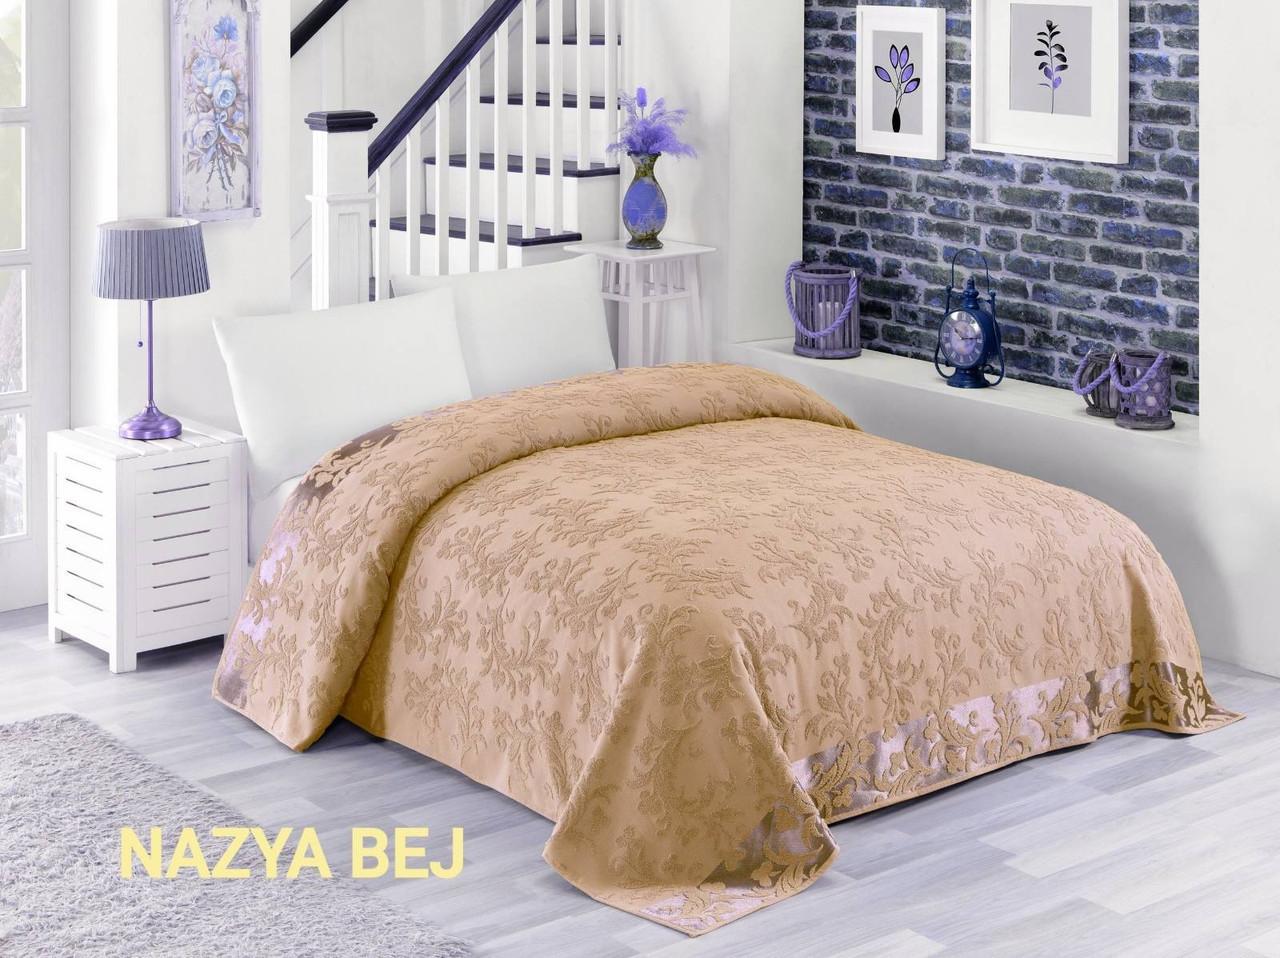 Махровая хлопковая жаккардовая простынь Zeron 200х220 Евро Турция NAZYA BEJ Бежевый